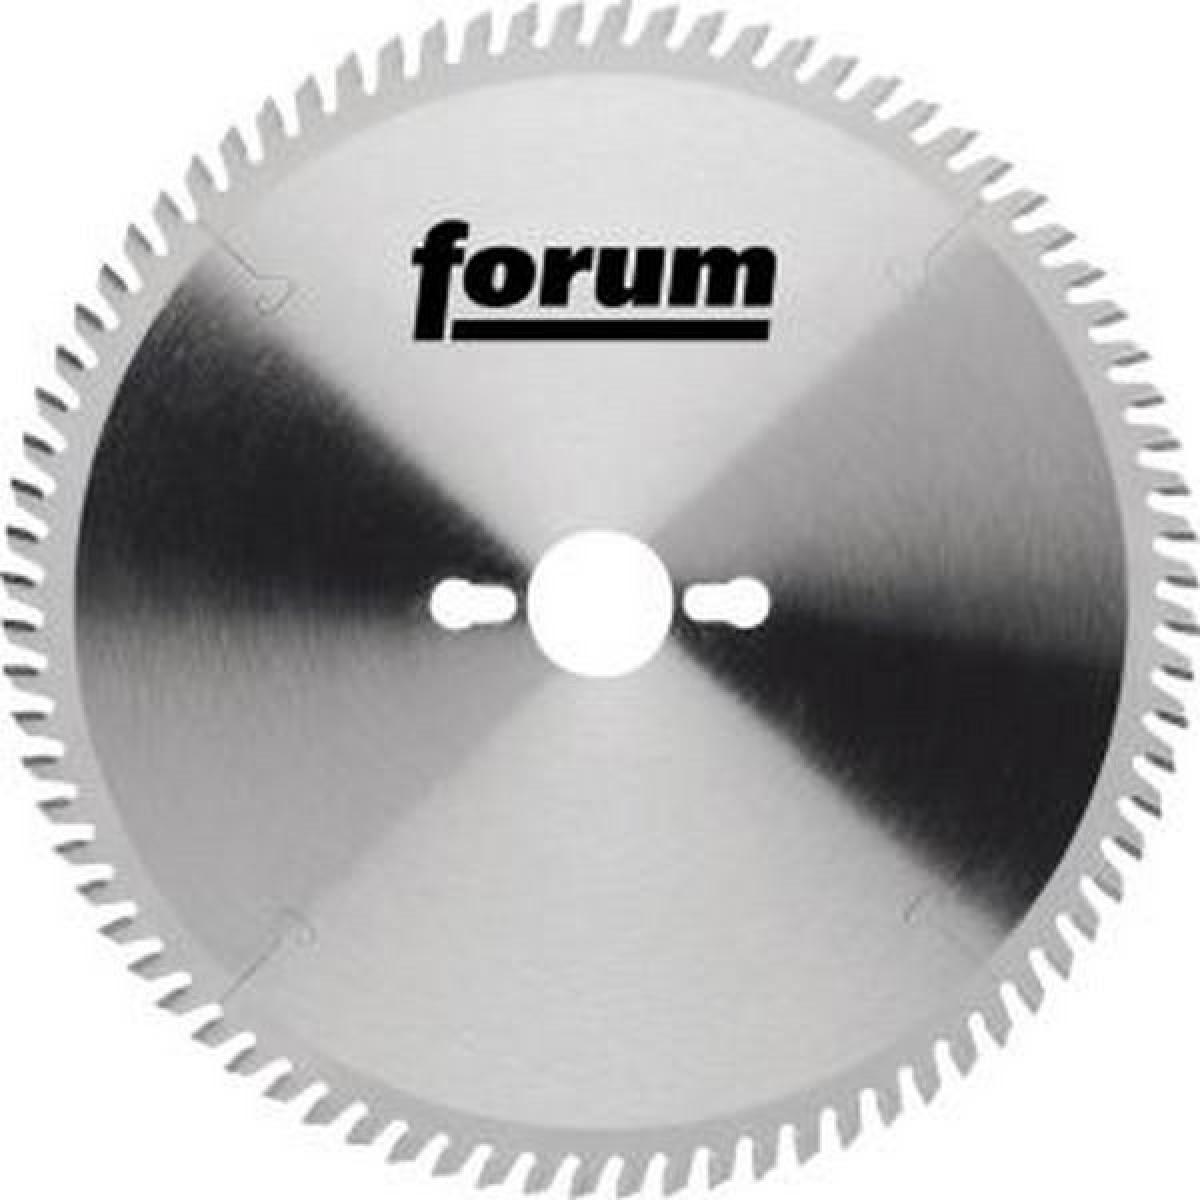 Forum Lame de scie circulaire, Ø : 300 mm, Larg. : 3,2 mm, Alésage 30 mm, Perçages secondaires : 2KNL*, Dents : 20